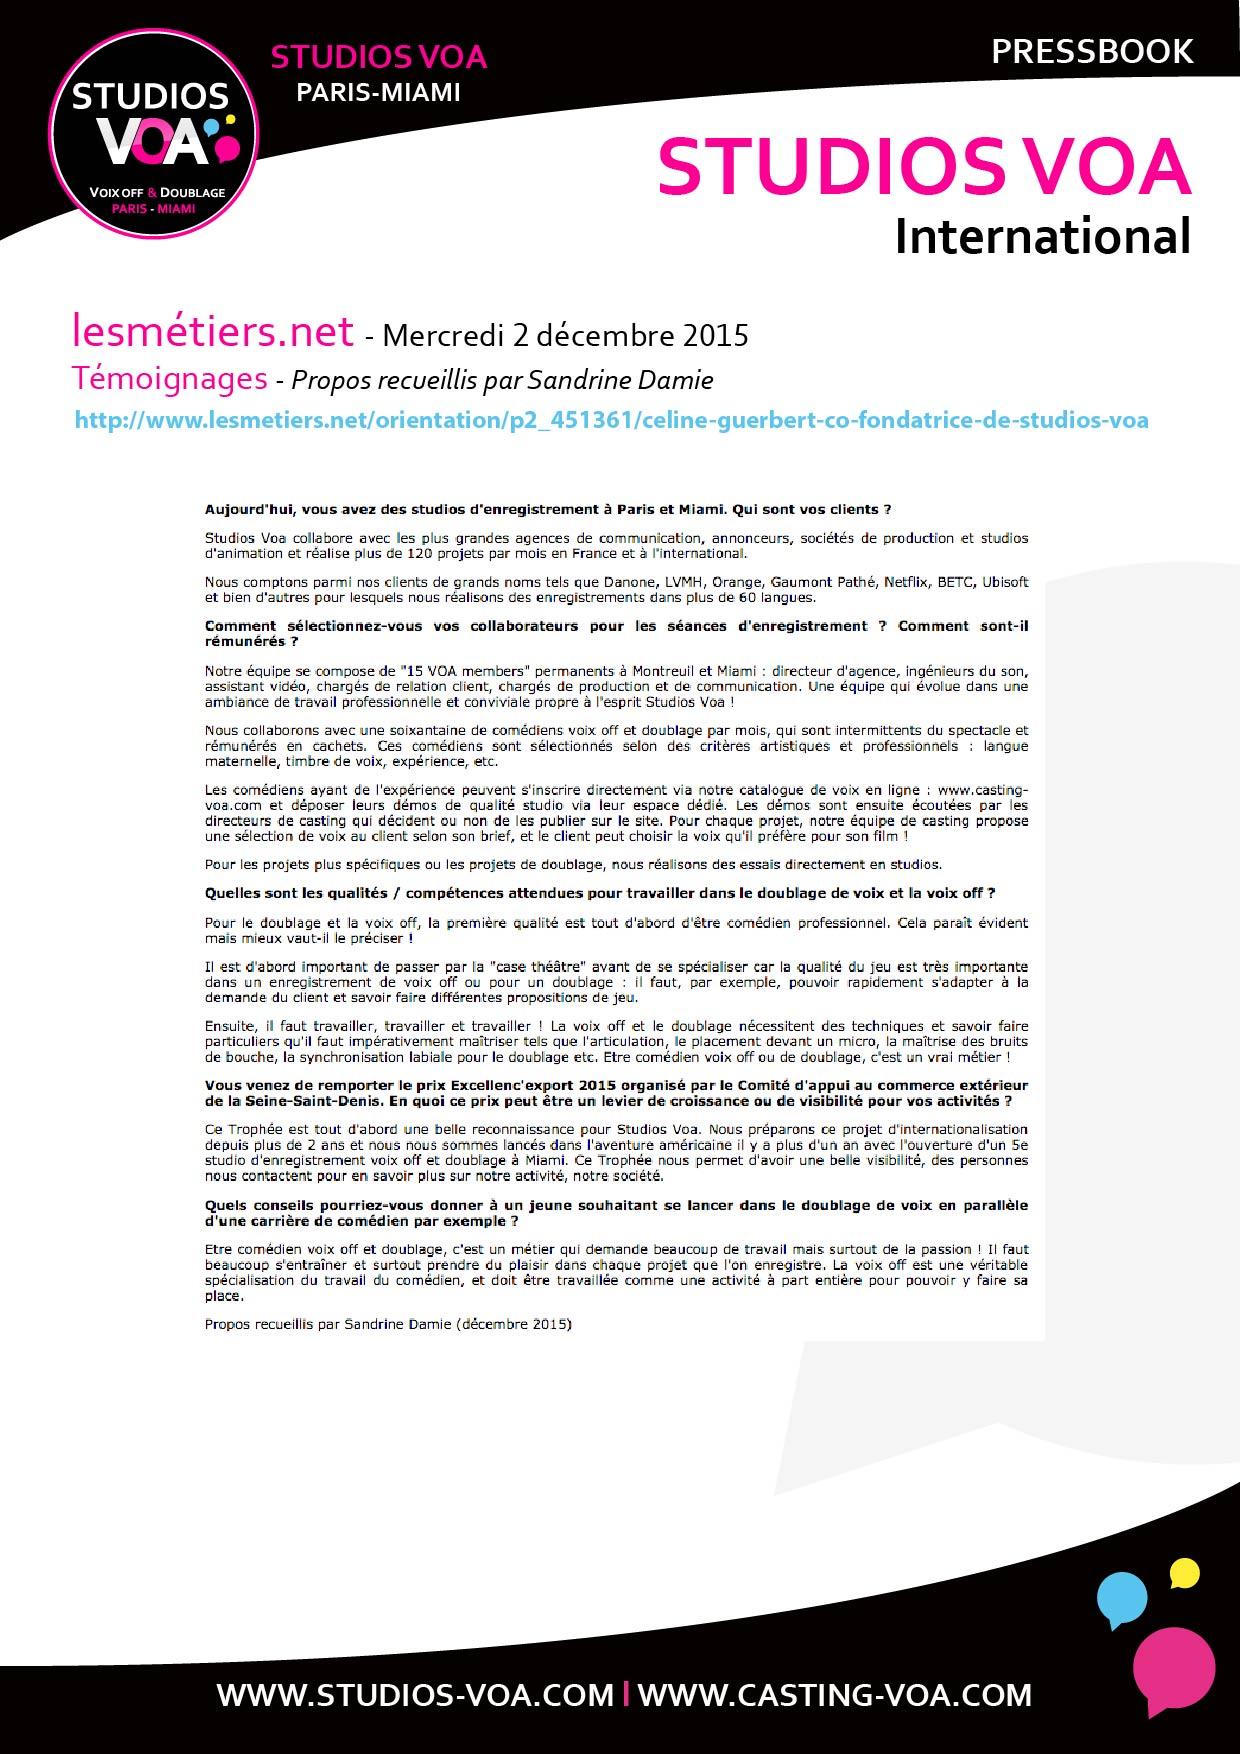 Pressbook-VOA_160122_Plan-de-travail-10